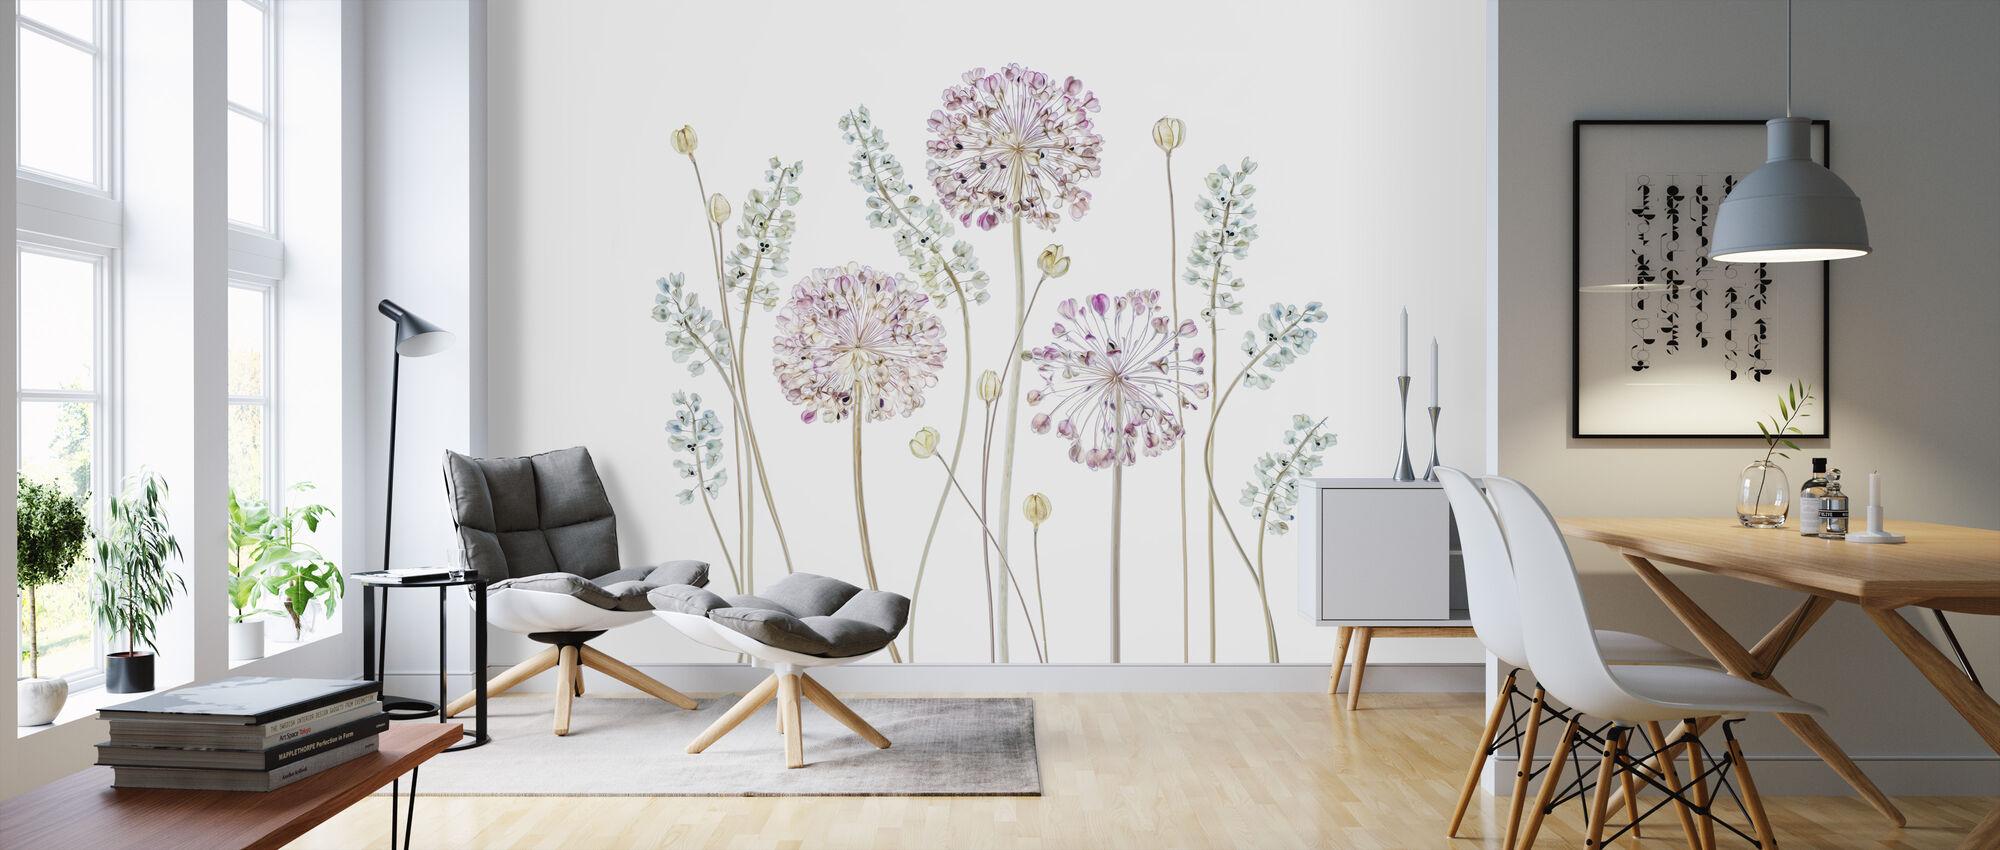 Allium - Tapetti - Olohuone